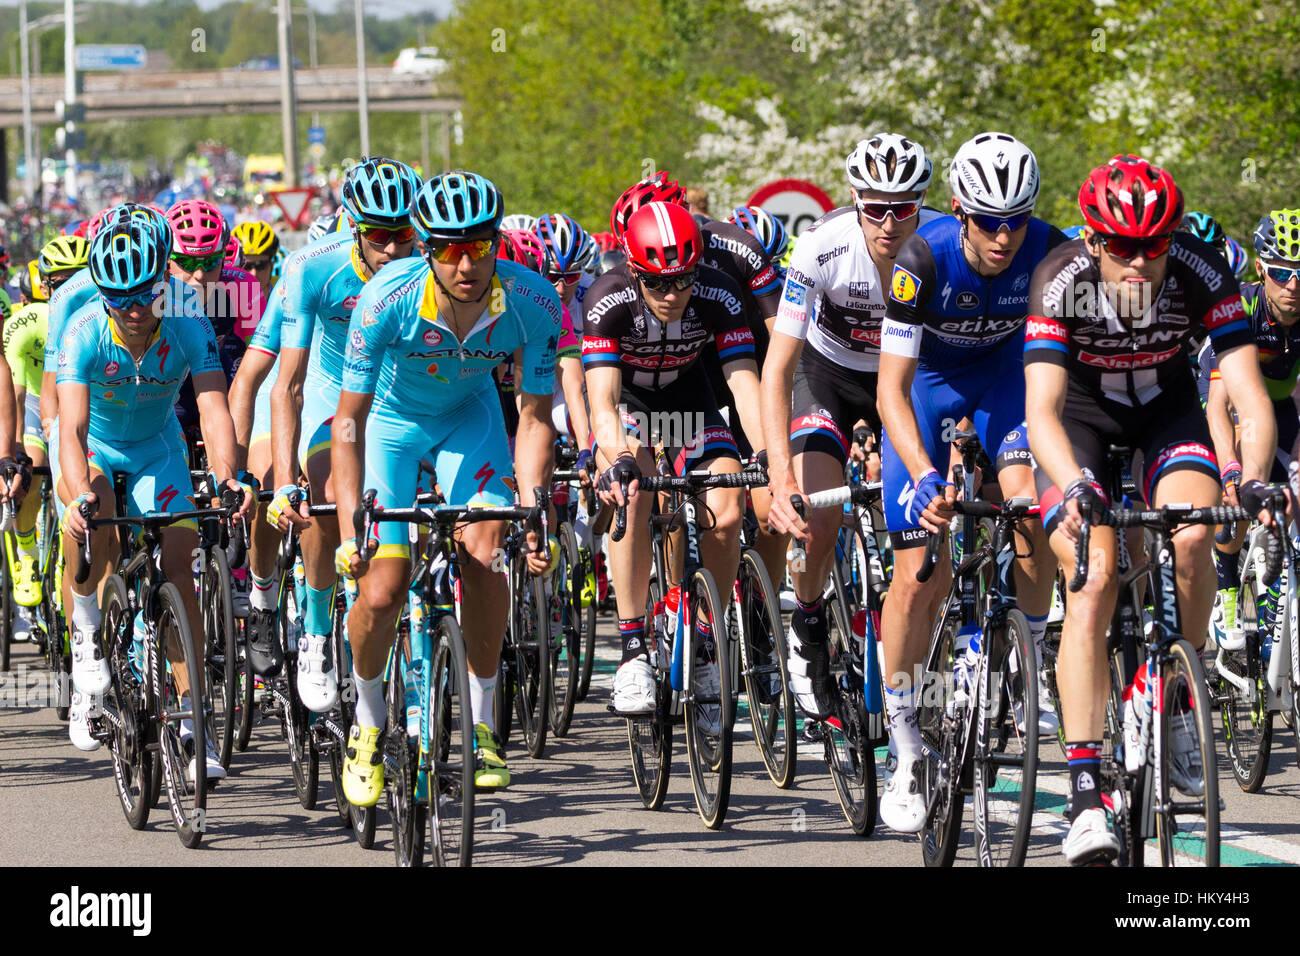 Los ciclistas durante la segunda etapa del Giro d'Italia 2016 en Wijchen, Países Bajos Imagen De Stock